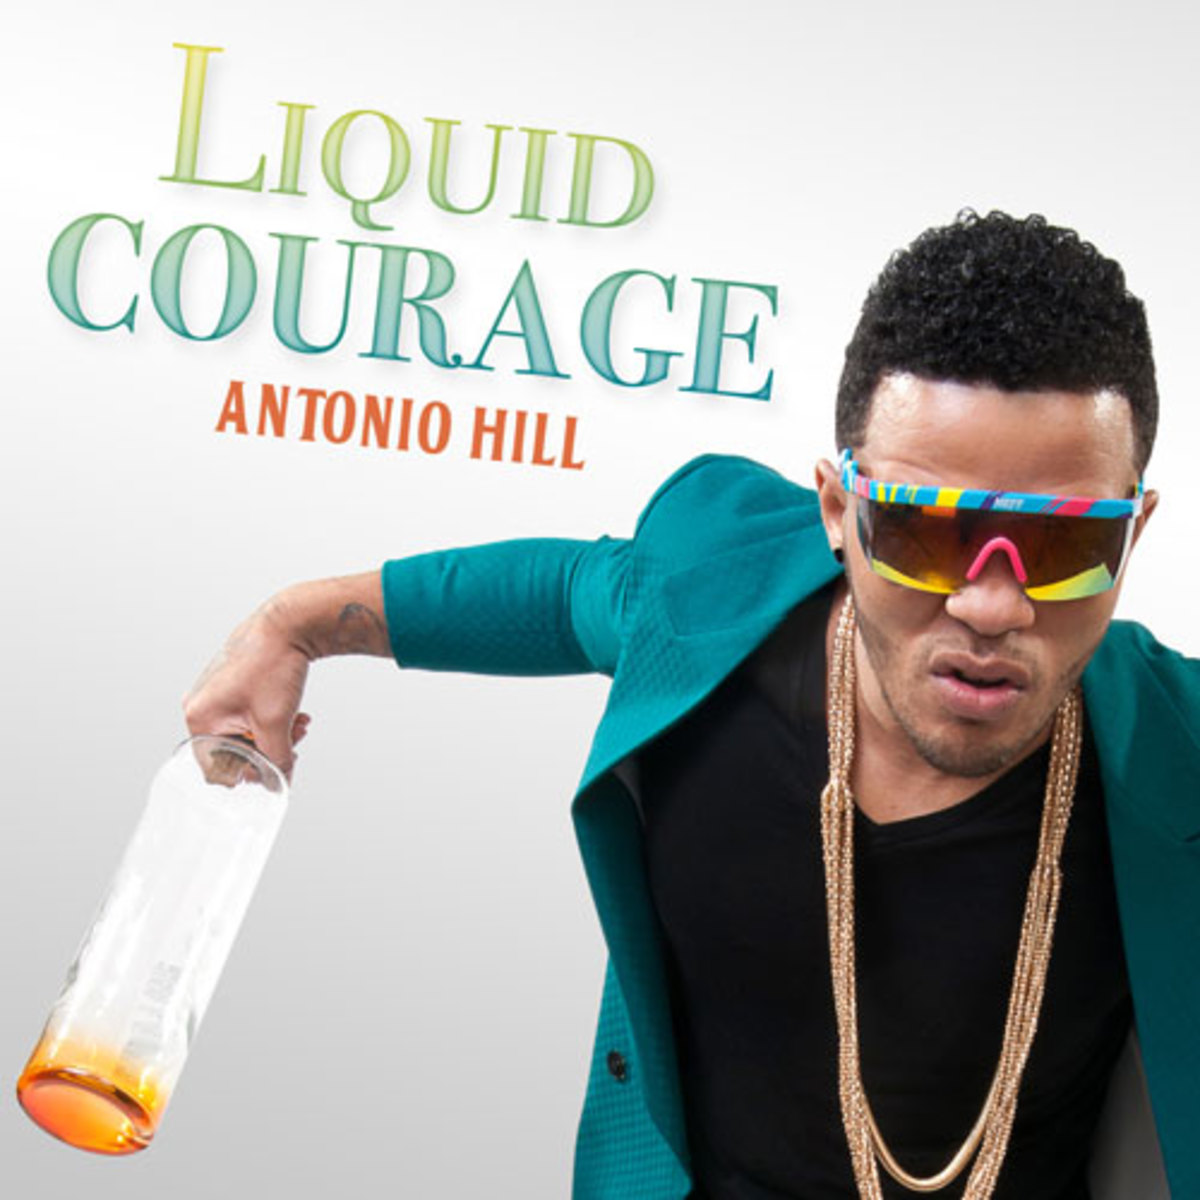 antoniohill-liquidcourage.jpg